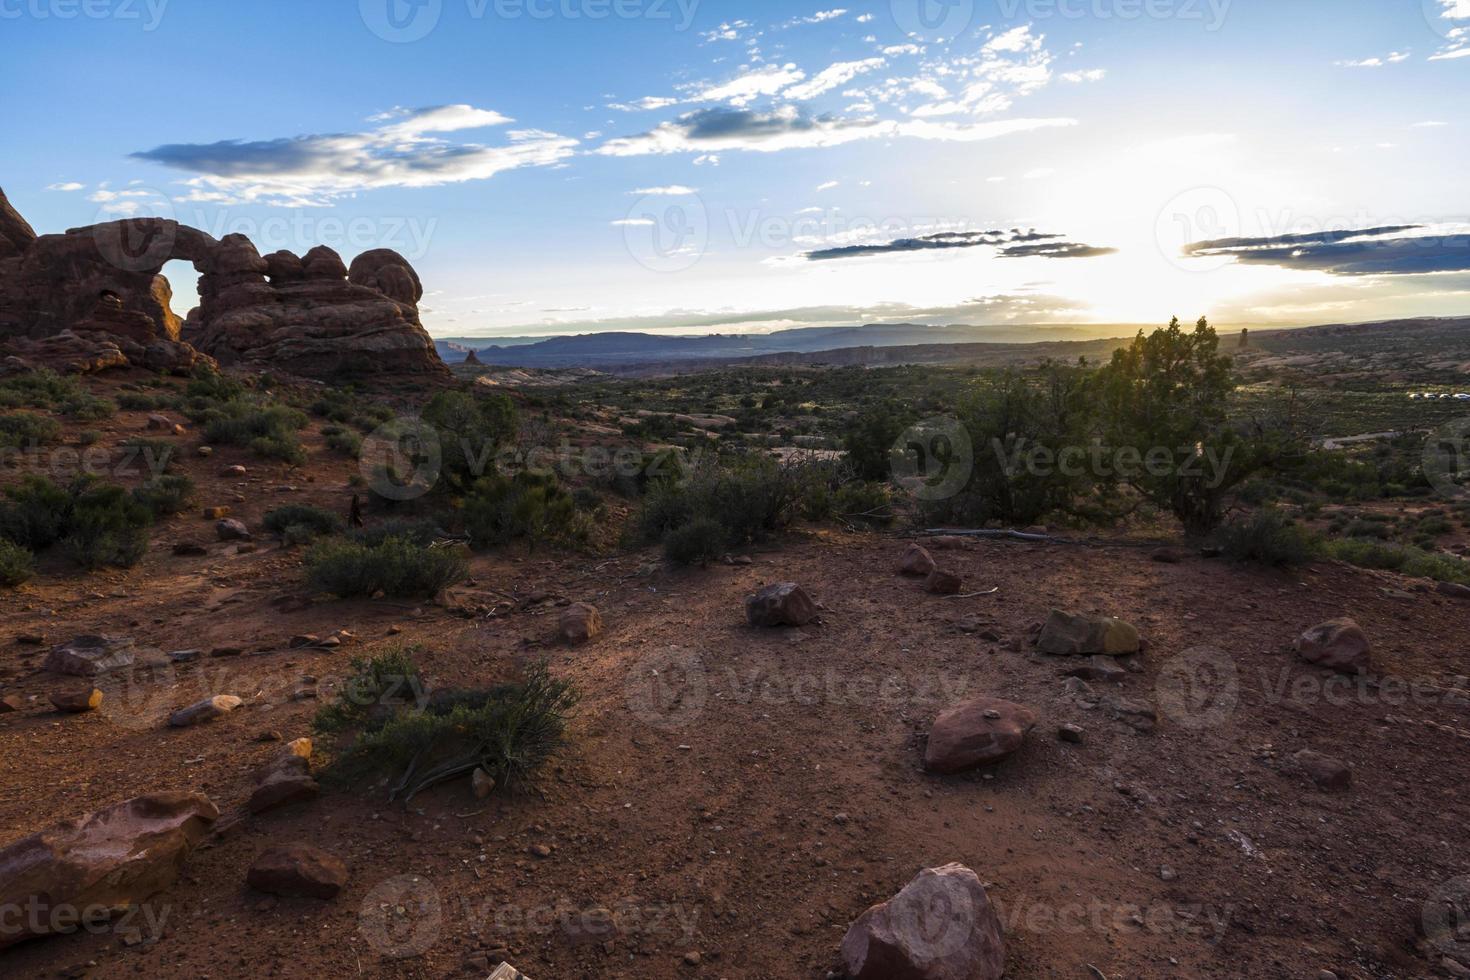 arches np paysage désertique dans l'utah photo